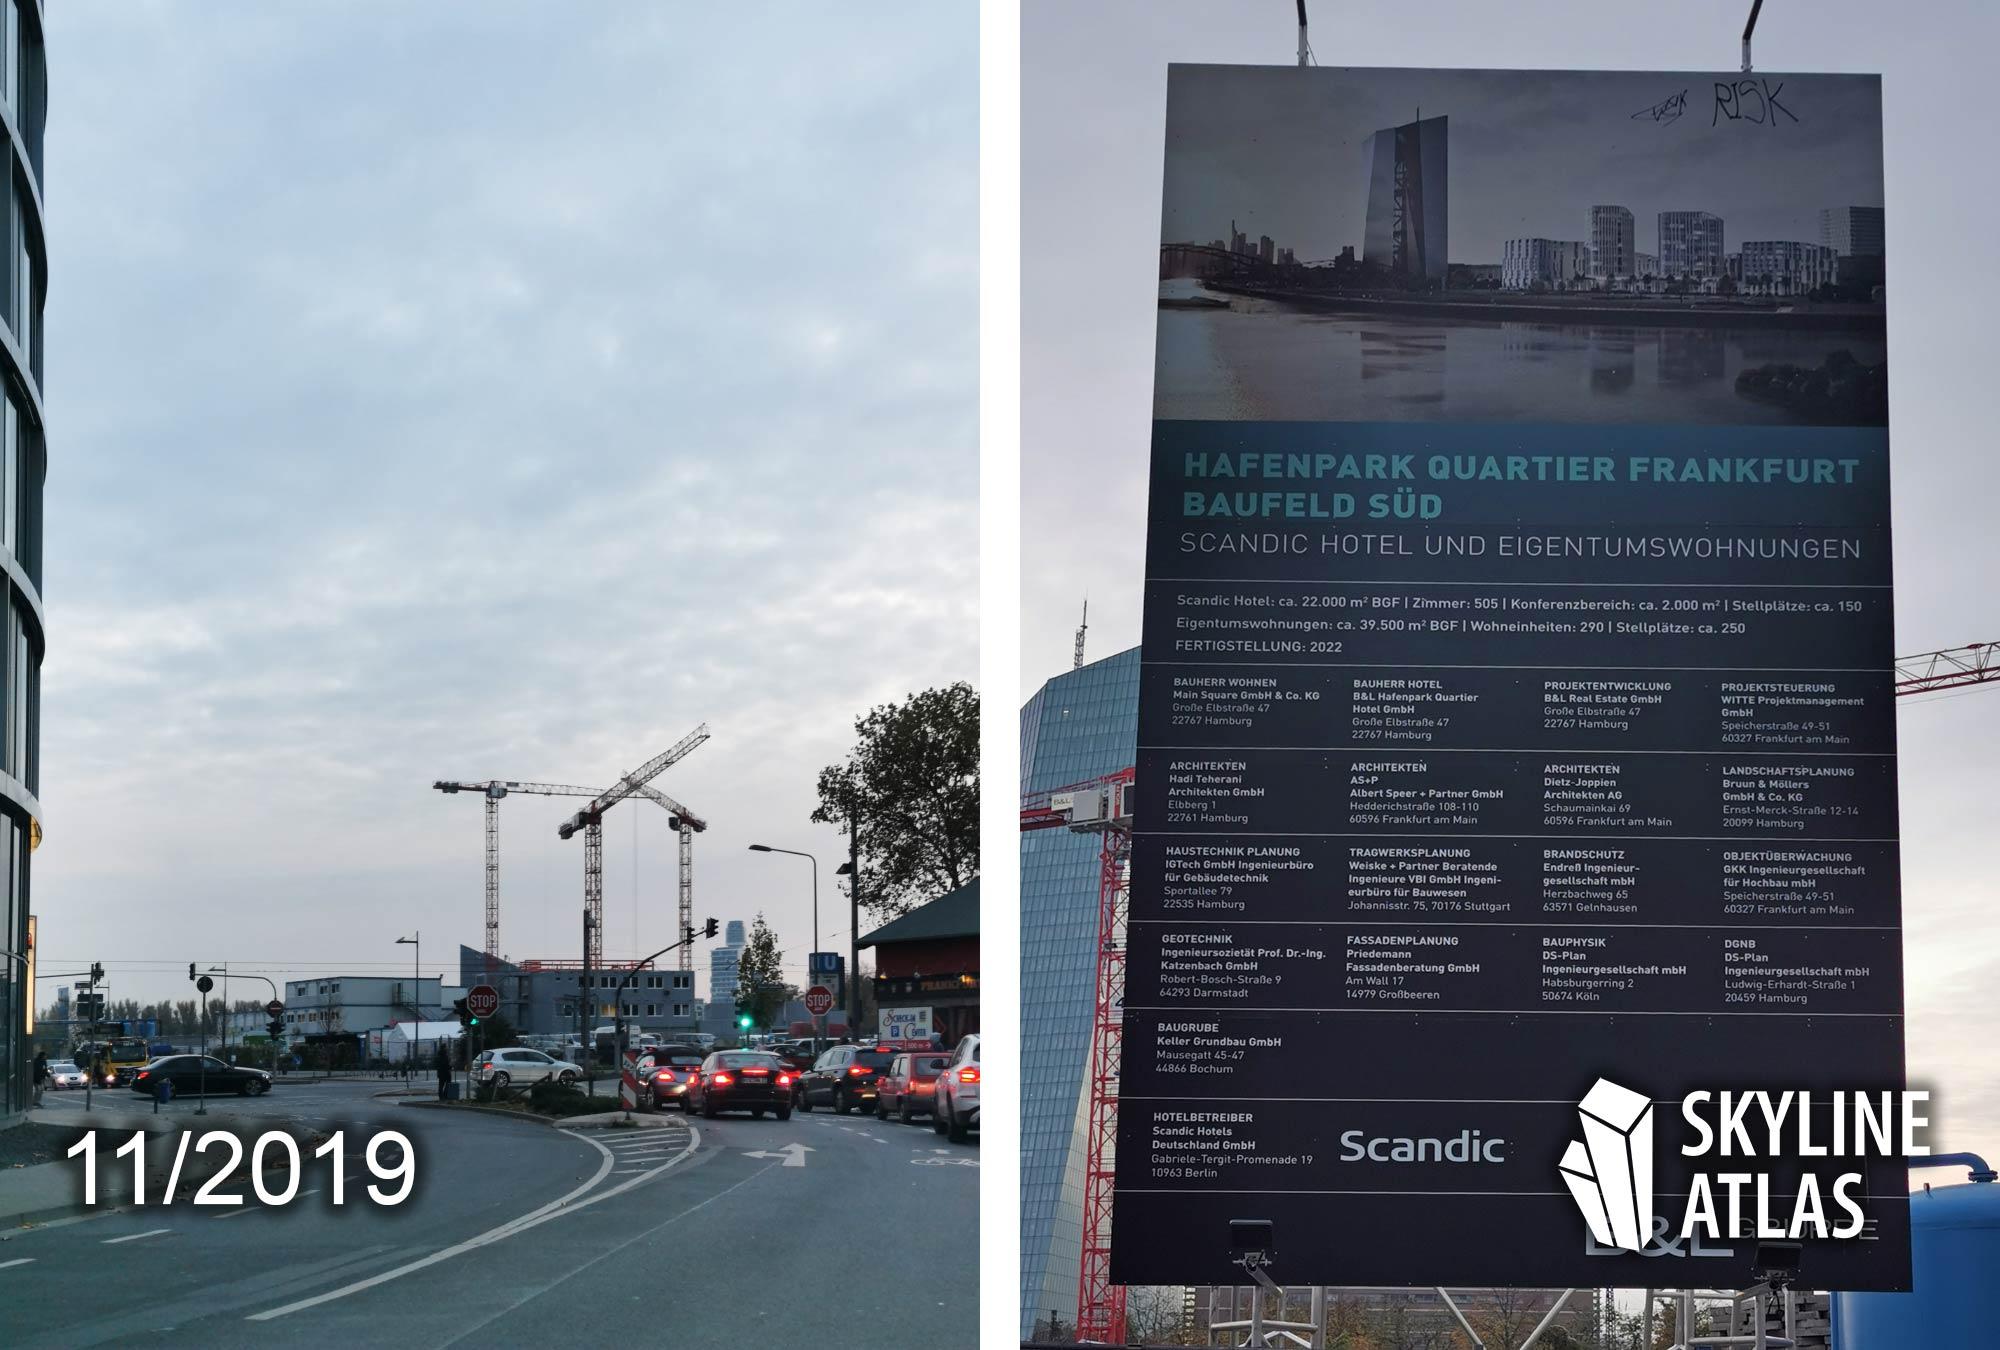 Hafenpark Quartier in Frankfurt am Main - Baugebiet Frankfurt Osten - Projekt nahe der EZB und Hafenpark - Baustelle November 2019